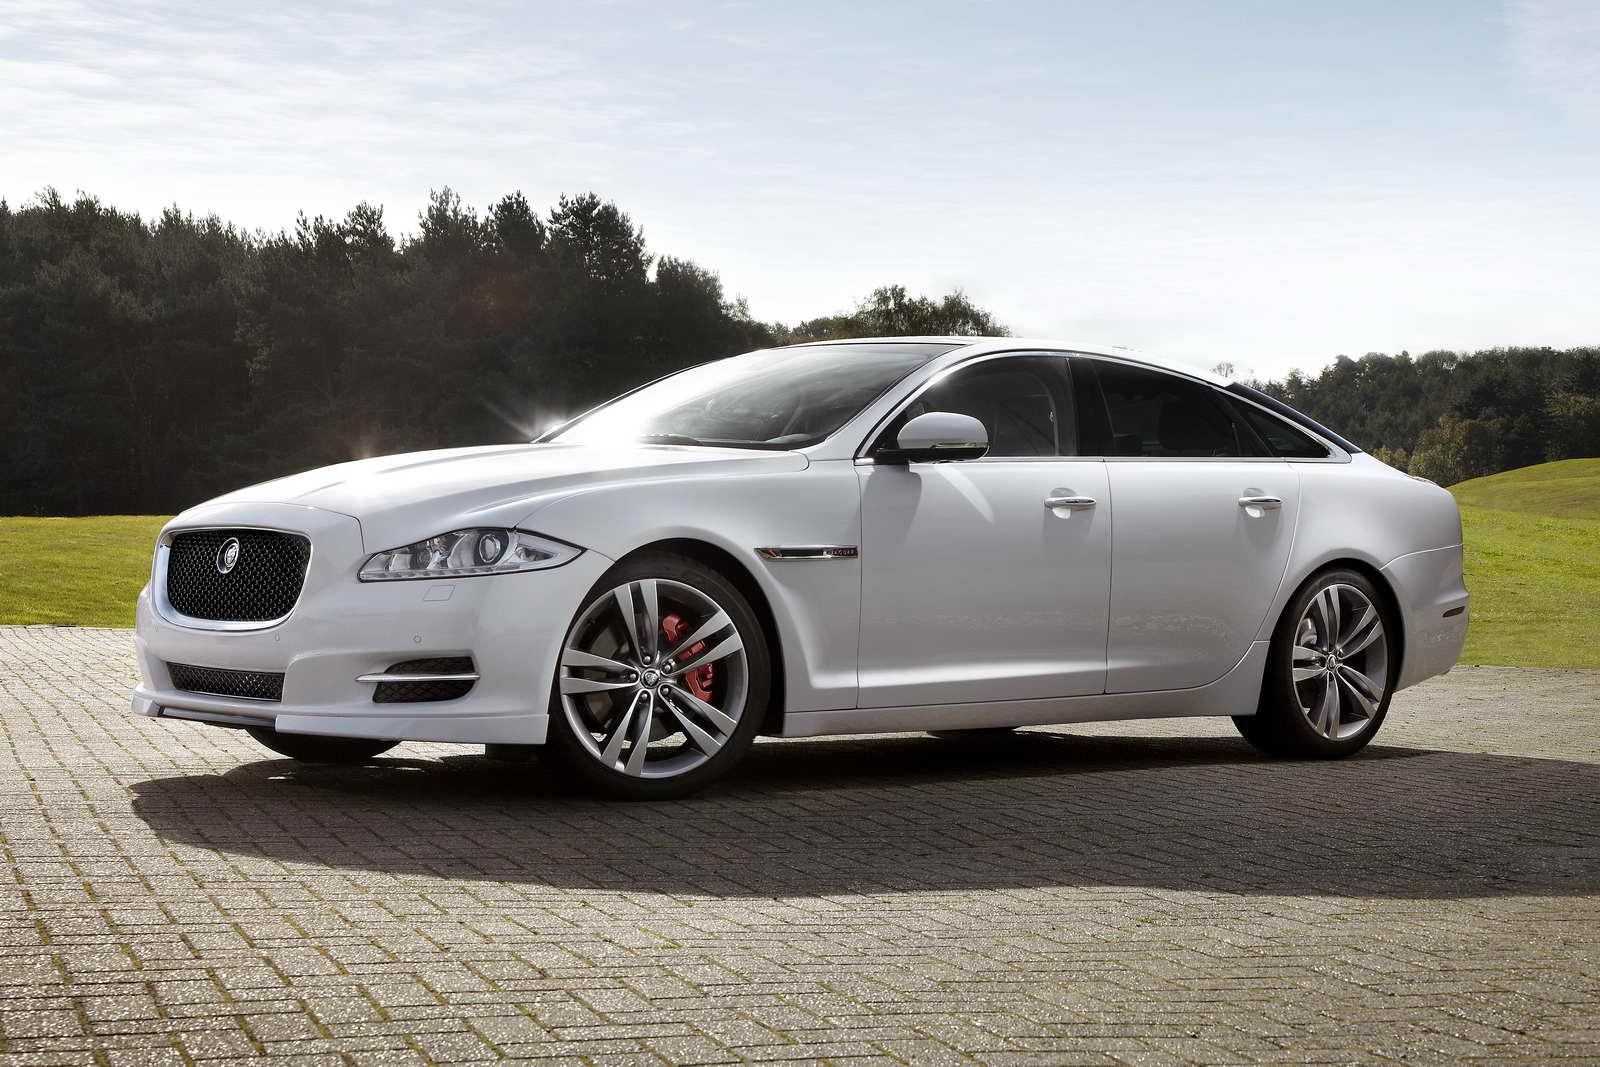 Conoce el Jaguar XJ, uno de los vehículos más punteros